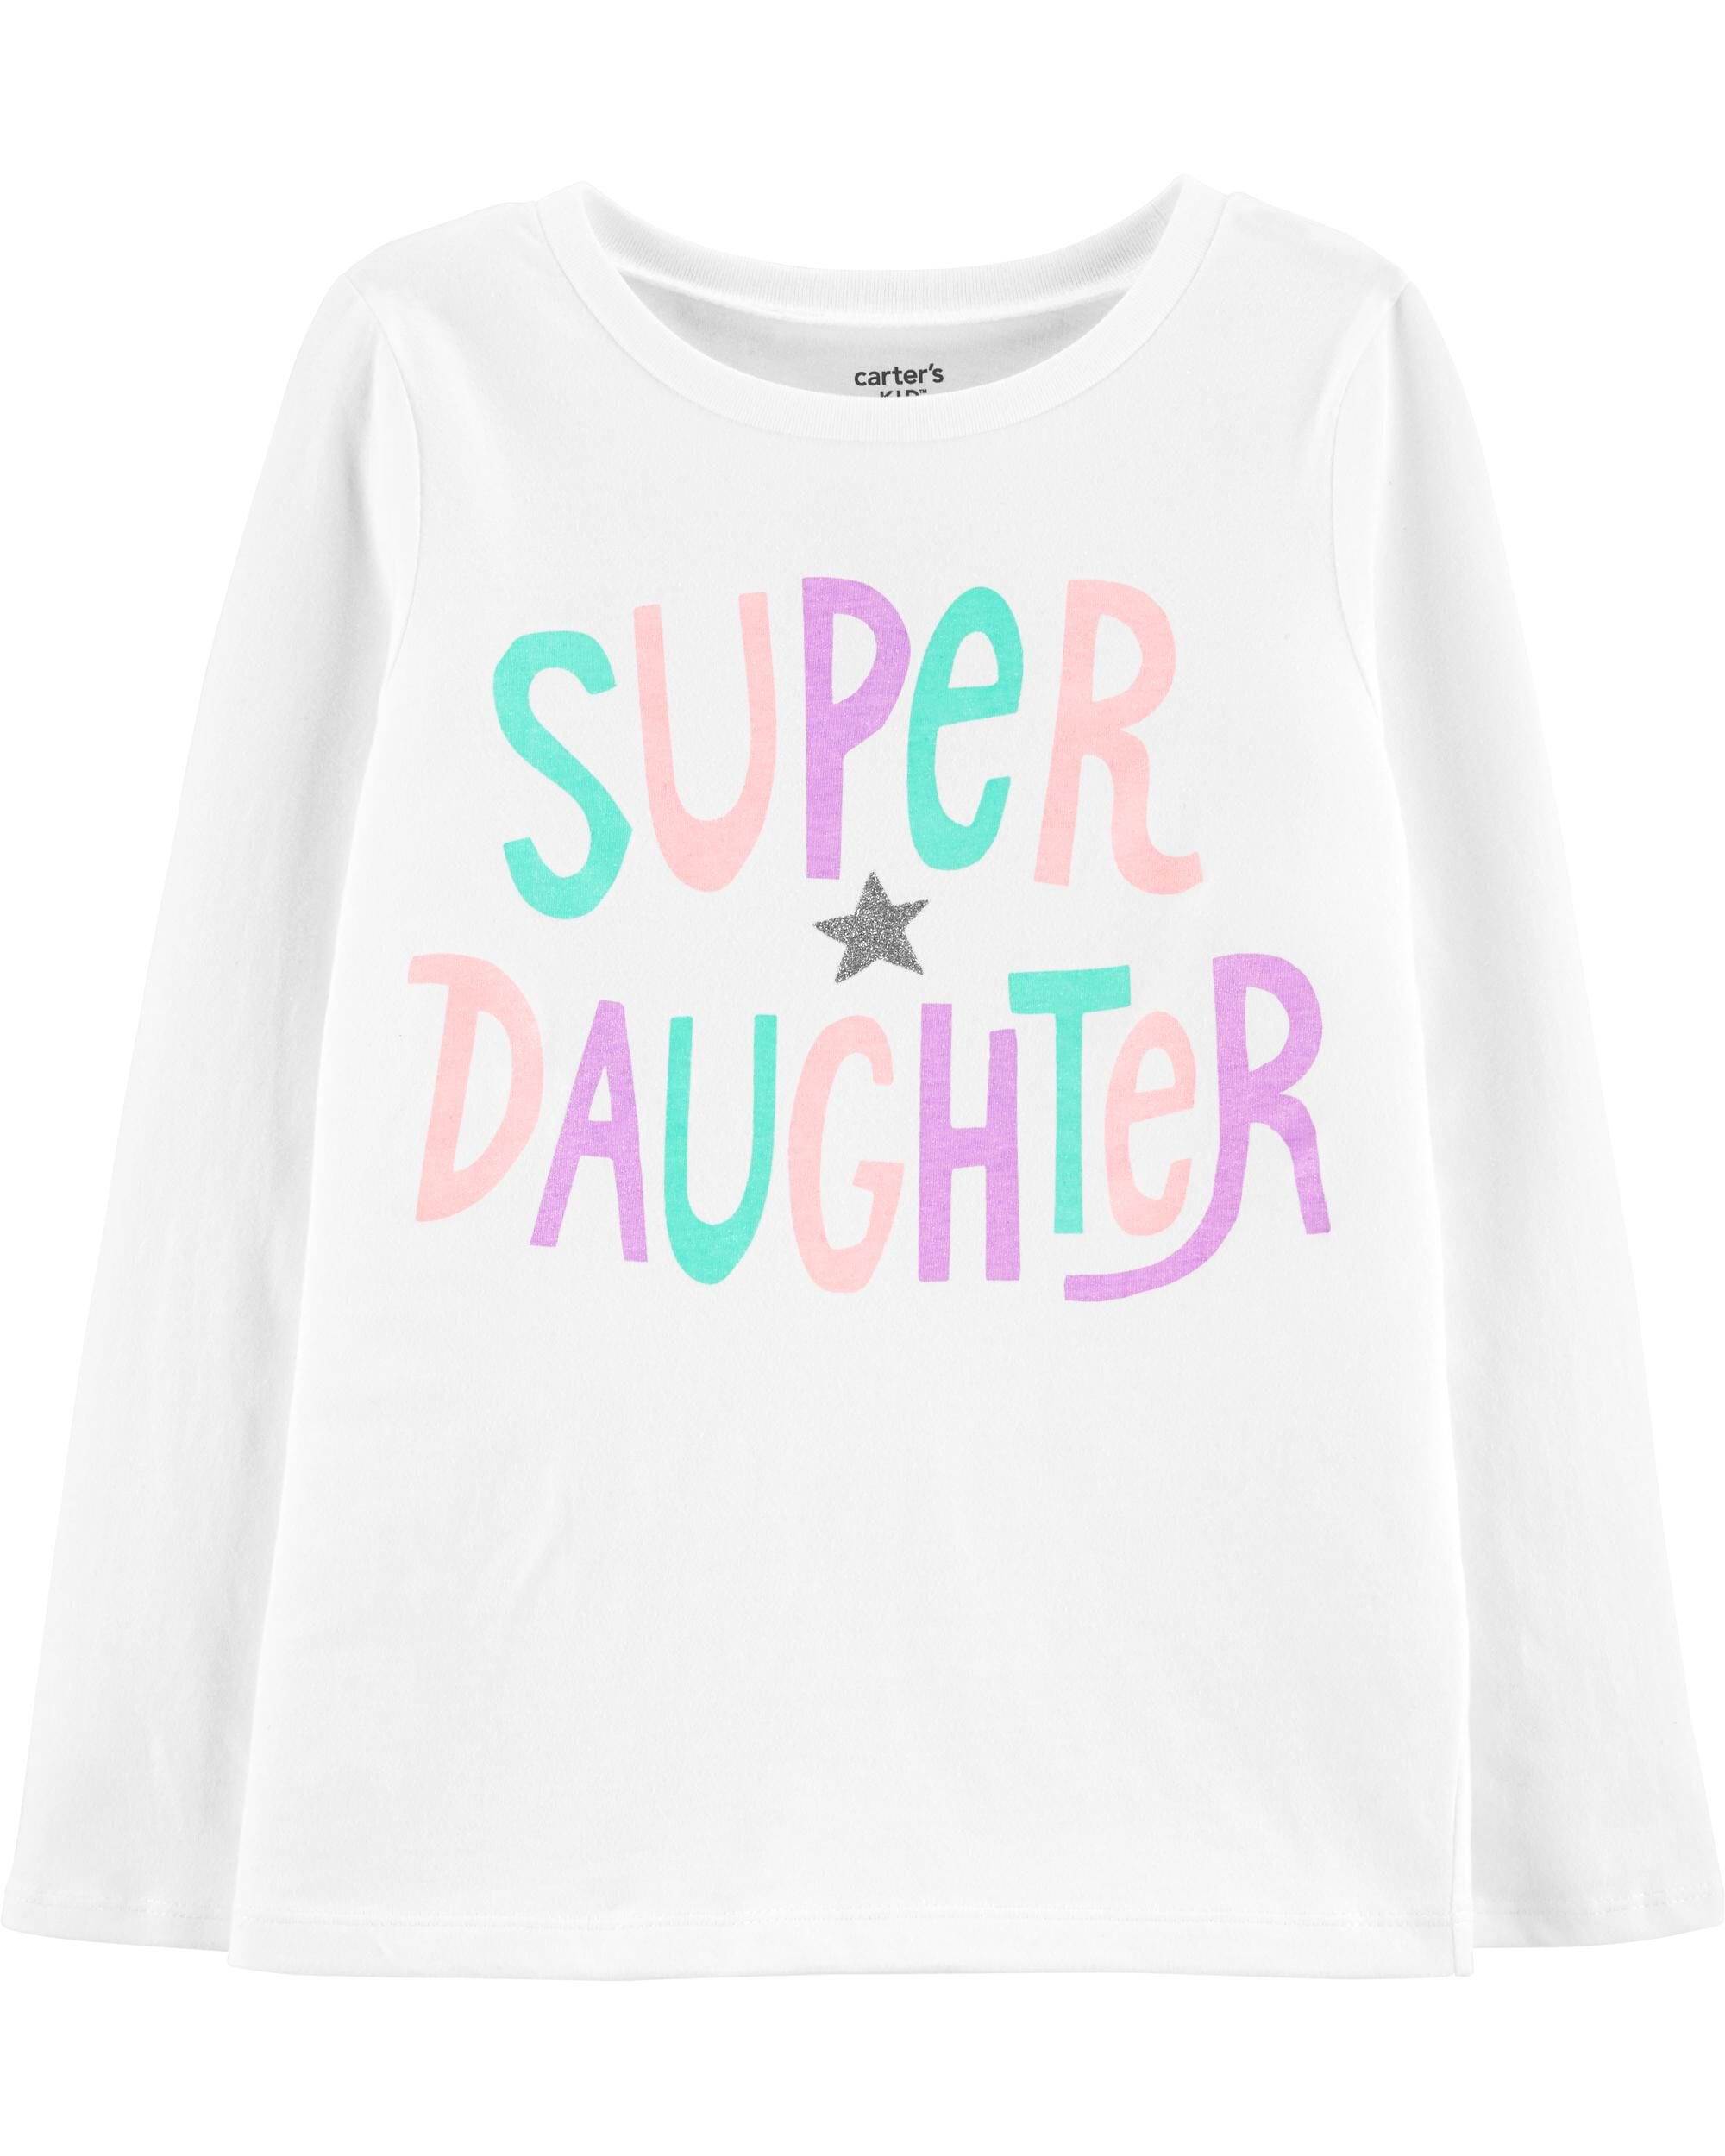 *DOORBUSTER* Super Daughter Jersey Tee